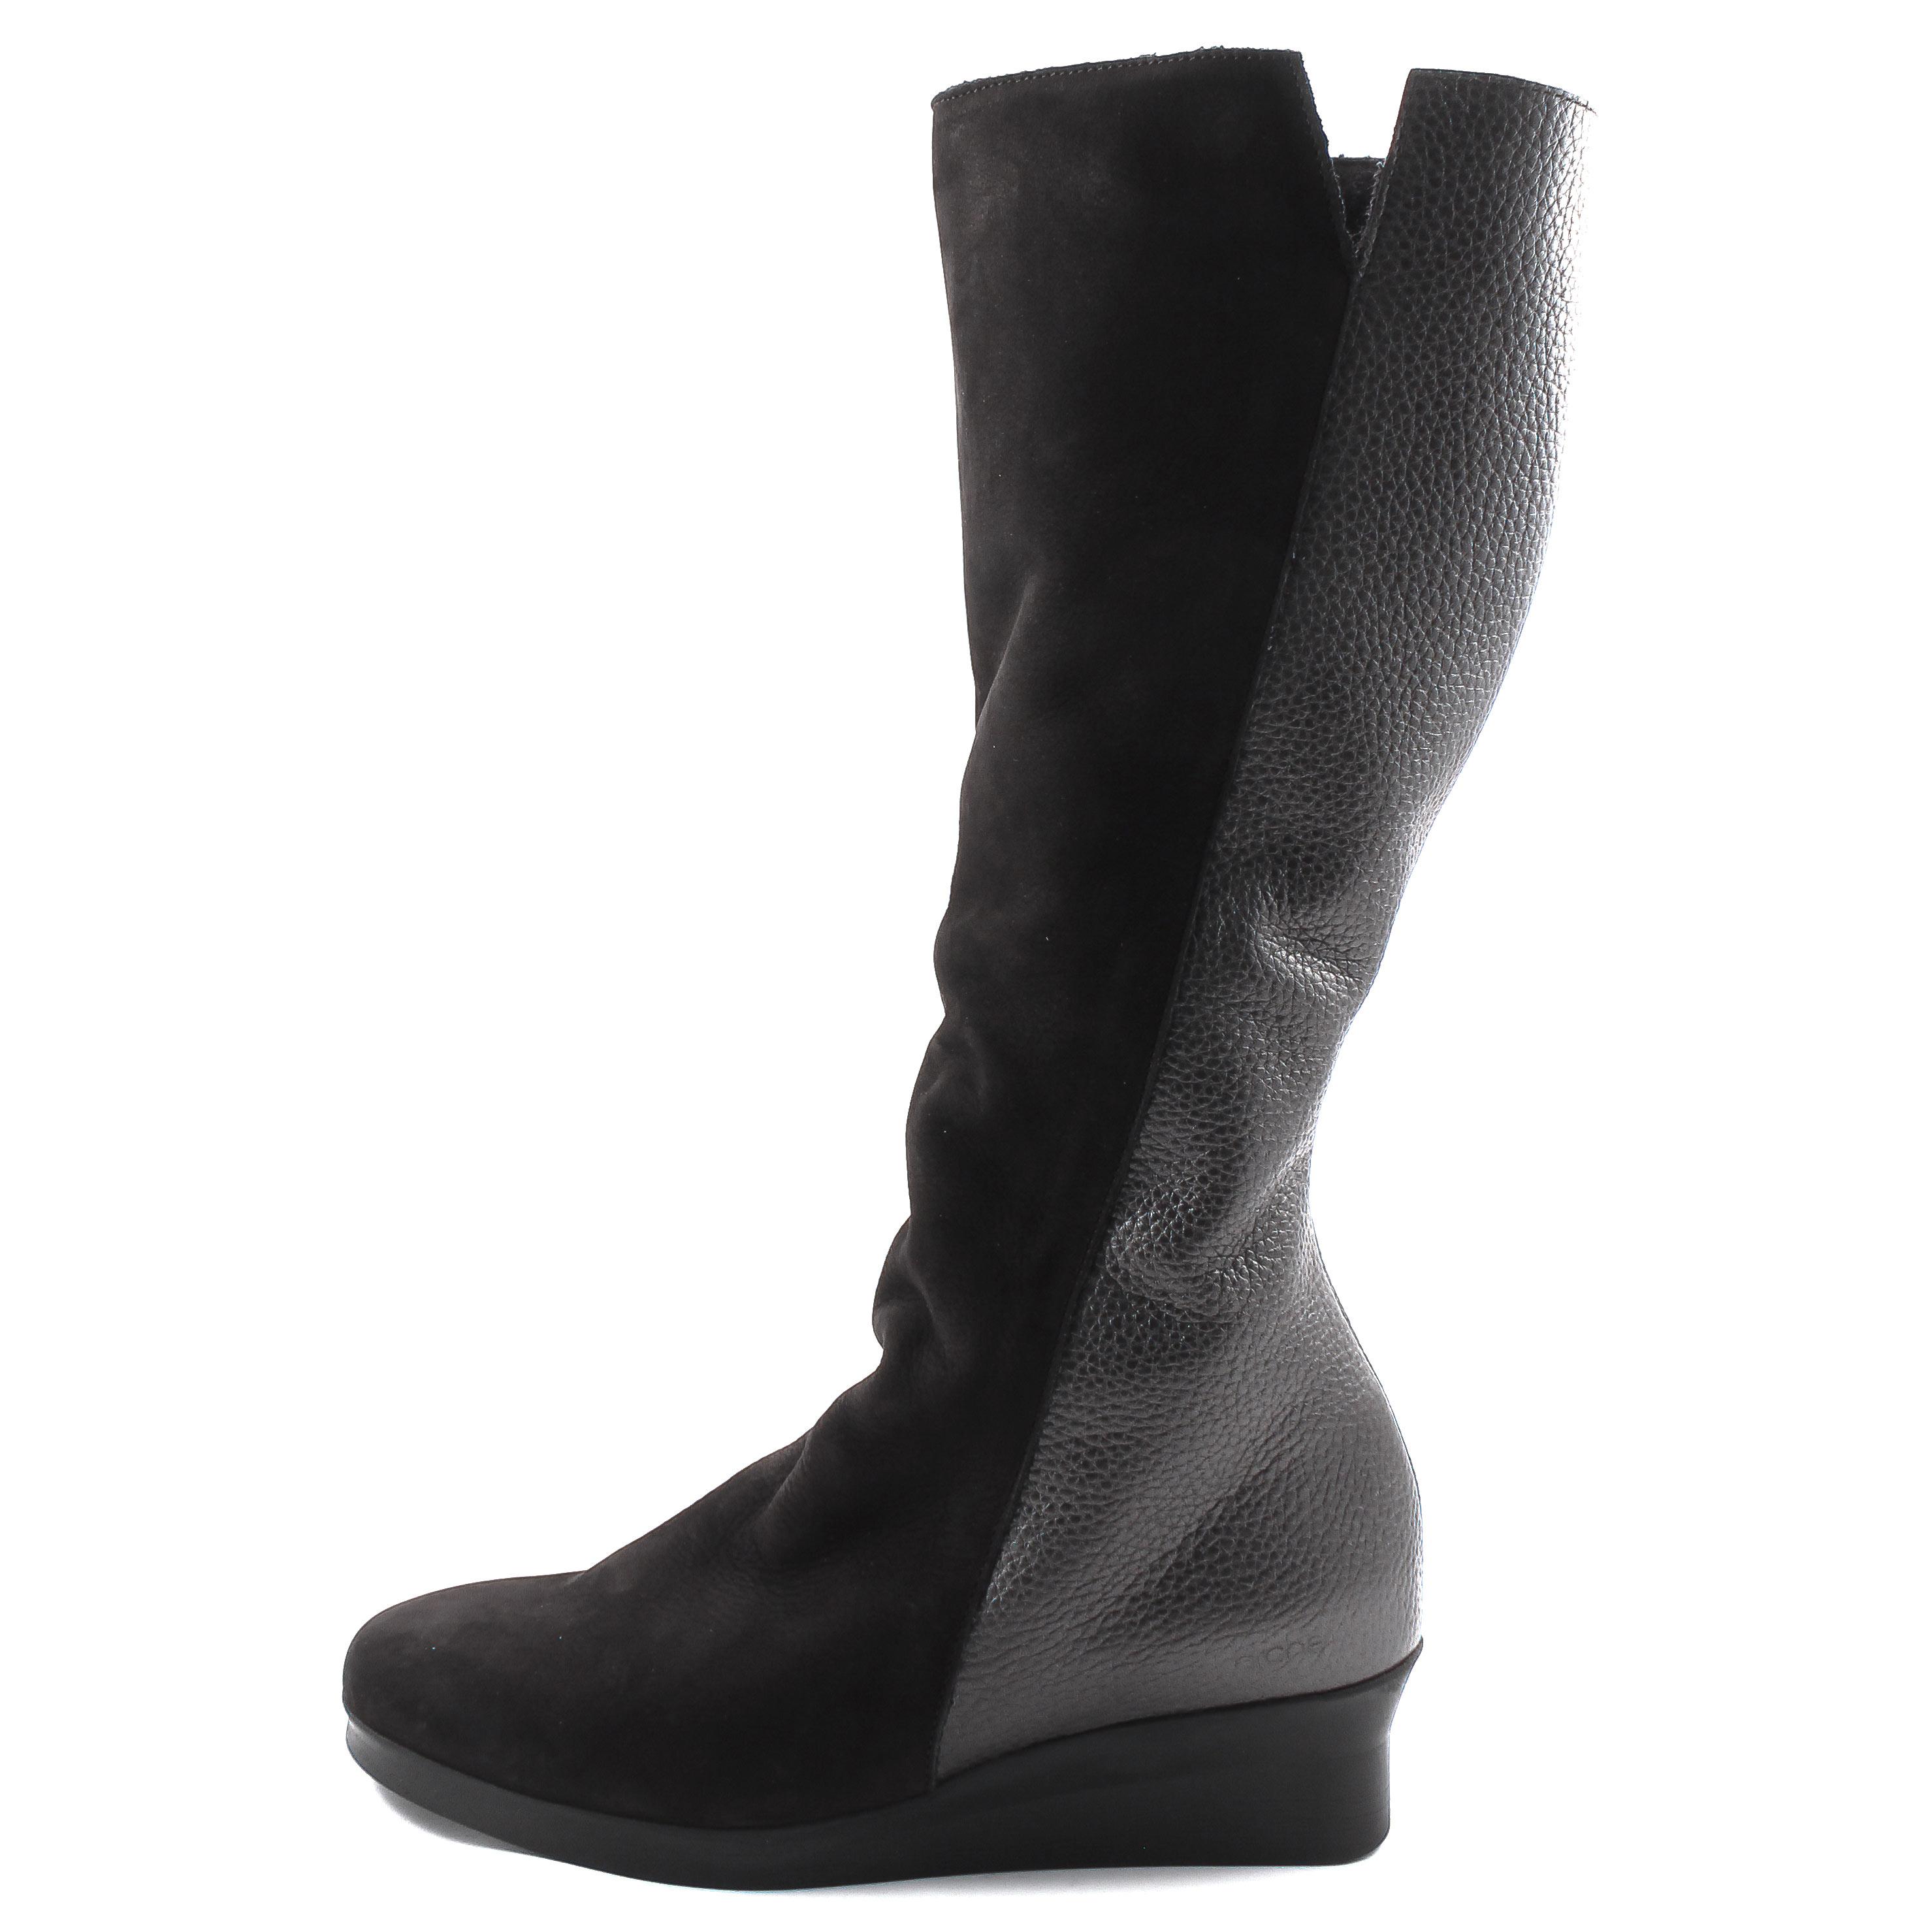 Arche, Abeska Damen Stiefel, black Größe 42